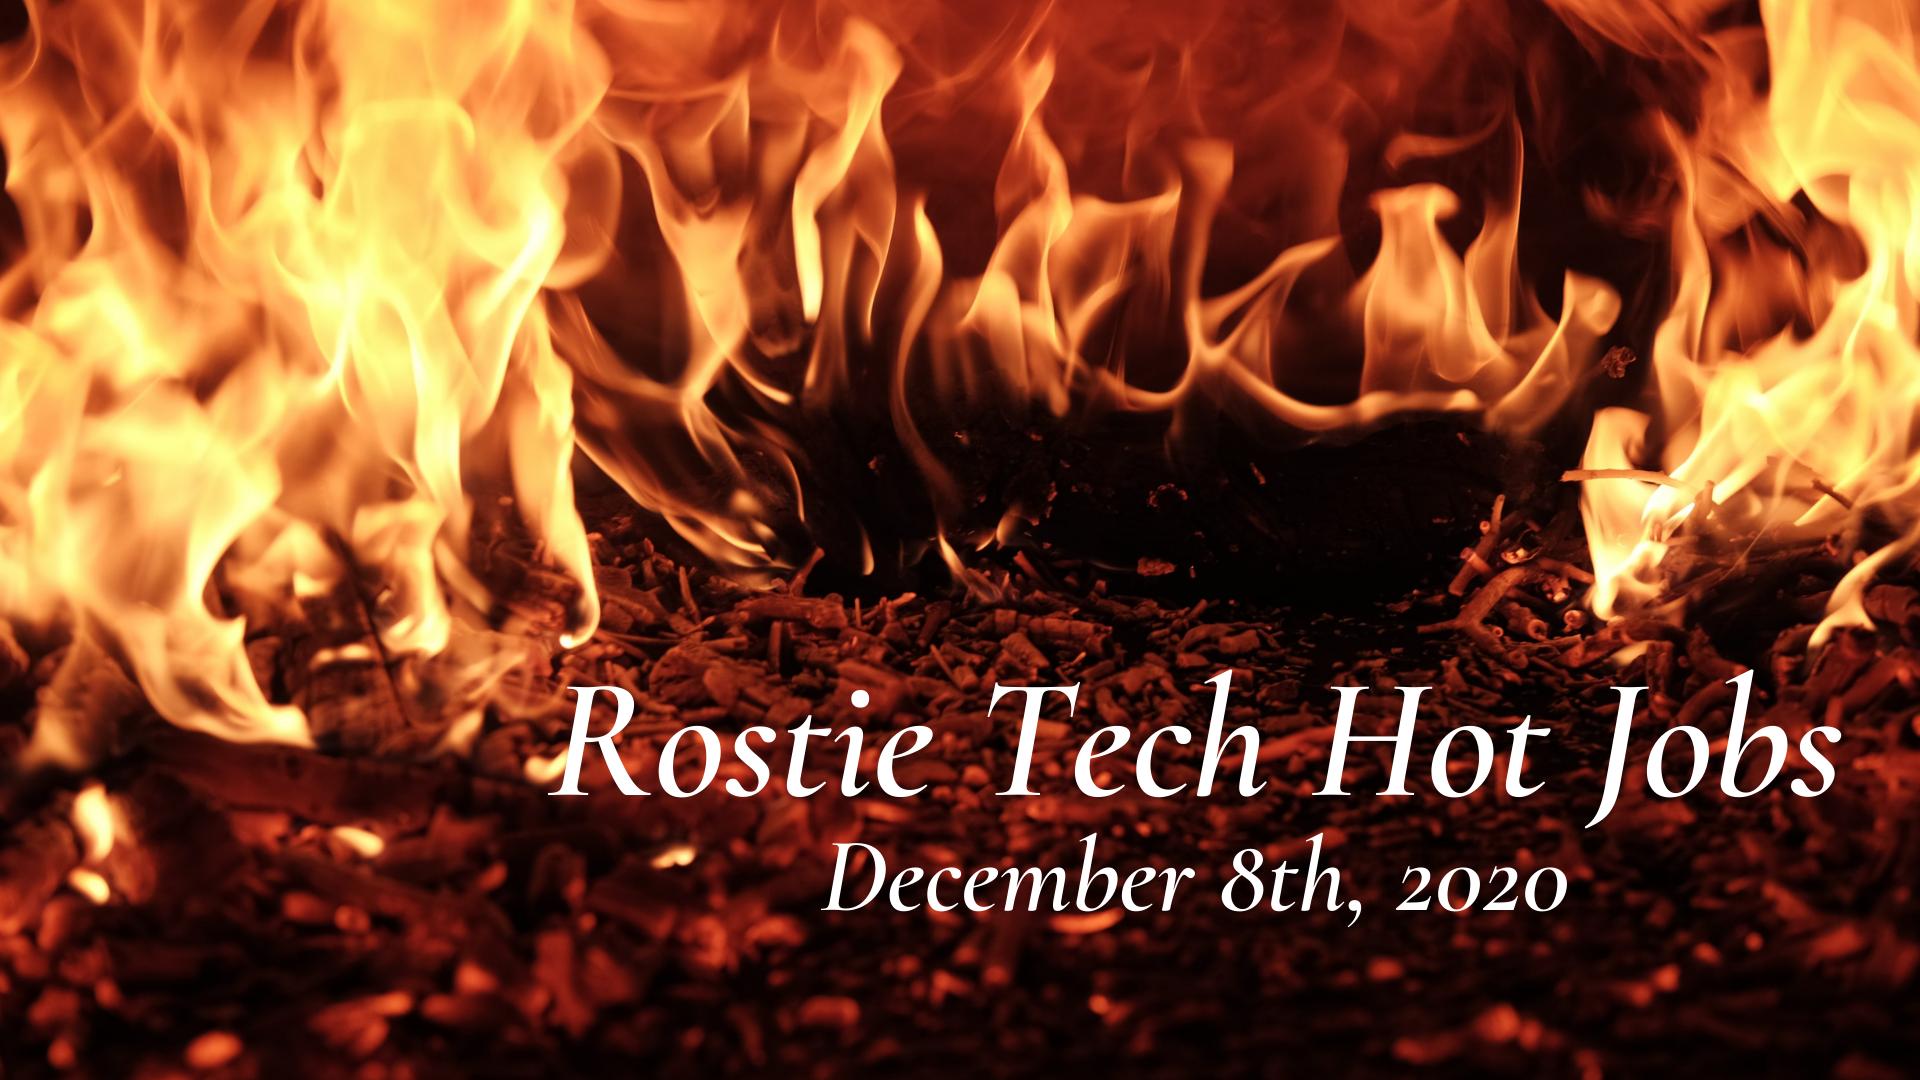 Rostie Tech Hot Jobs: December 8th, 2020